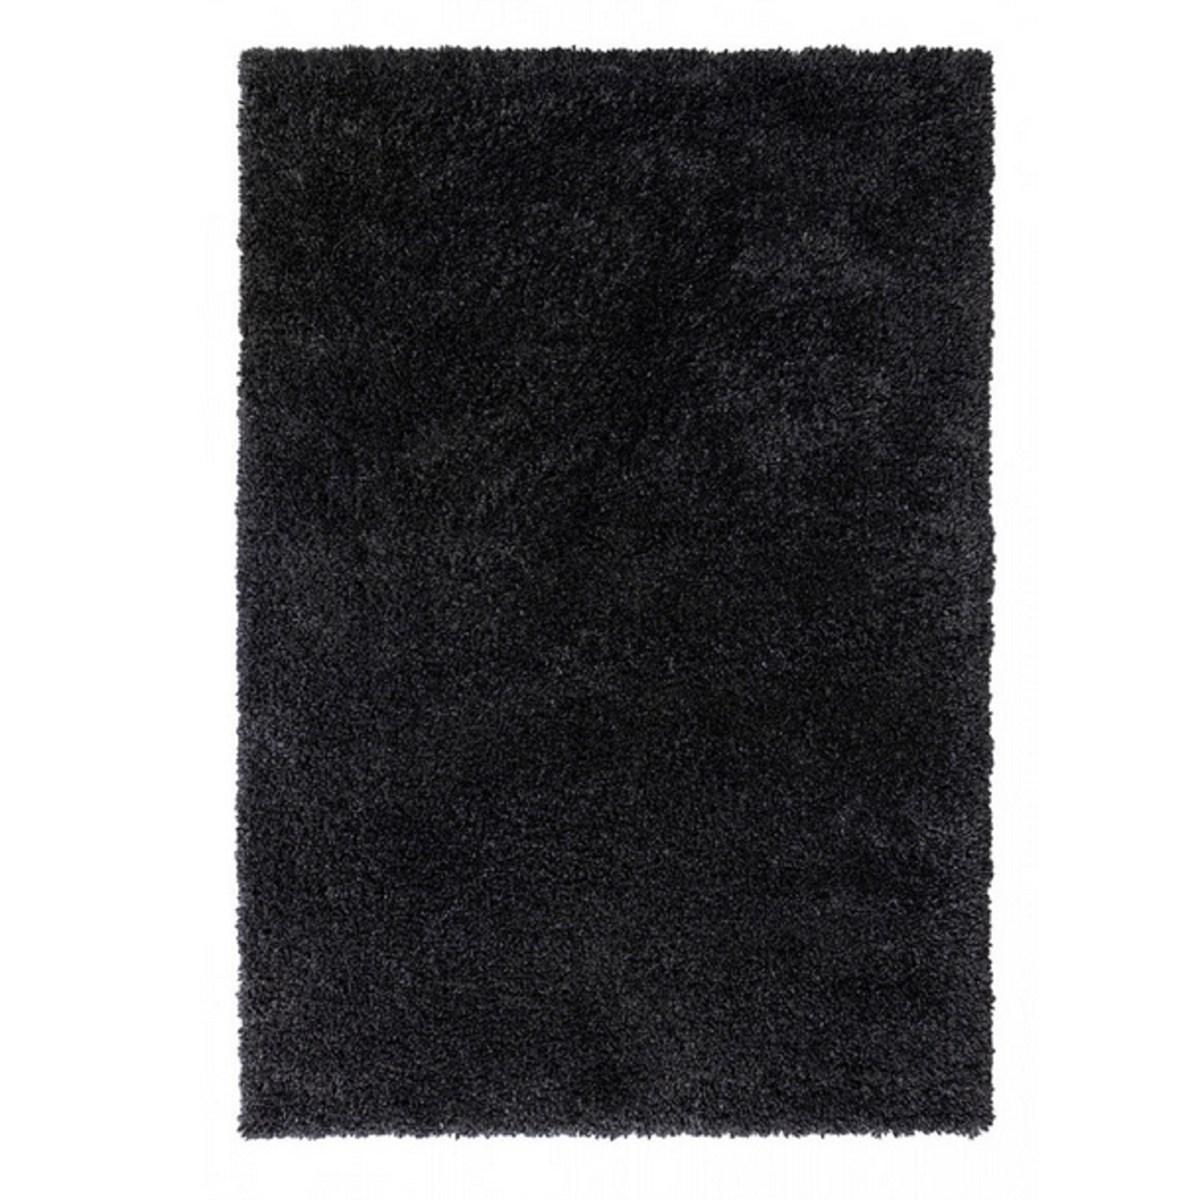 Tapis shaggy en Polypropylène Noir 120x170 cm